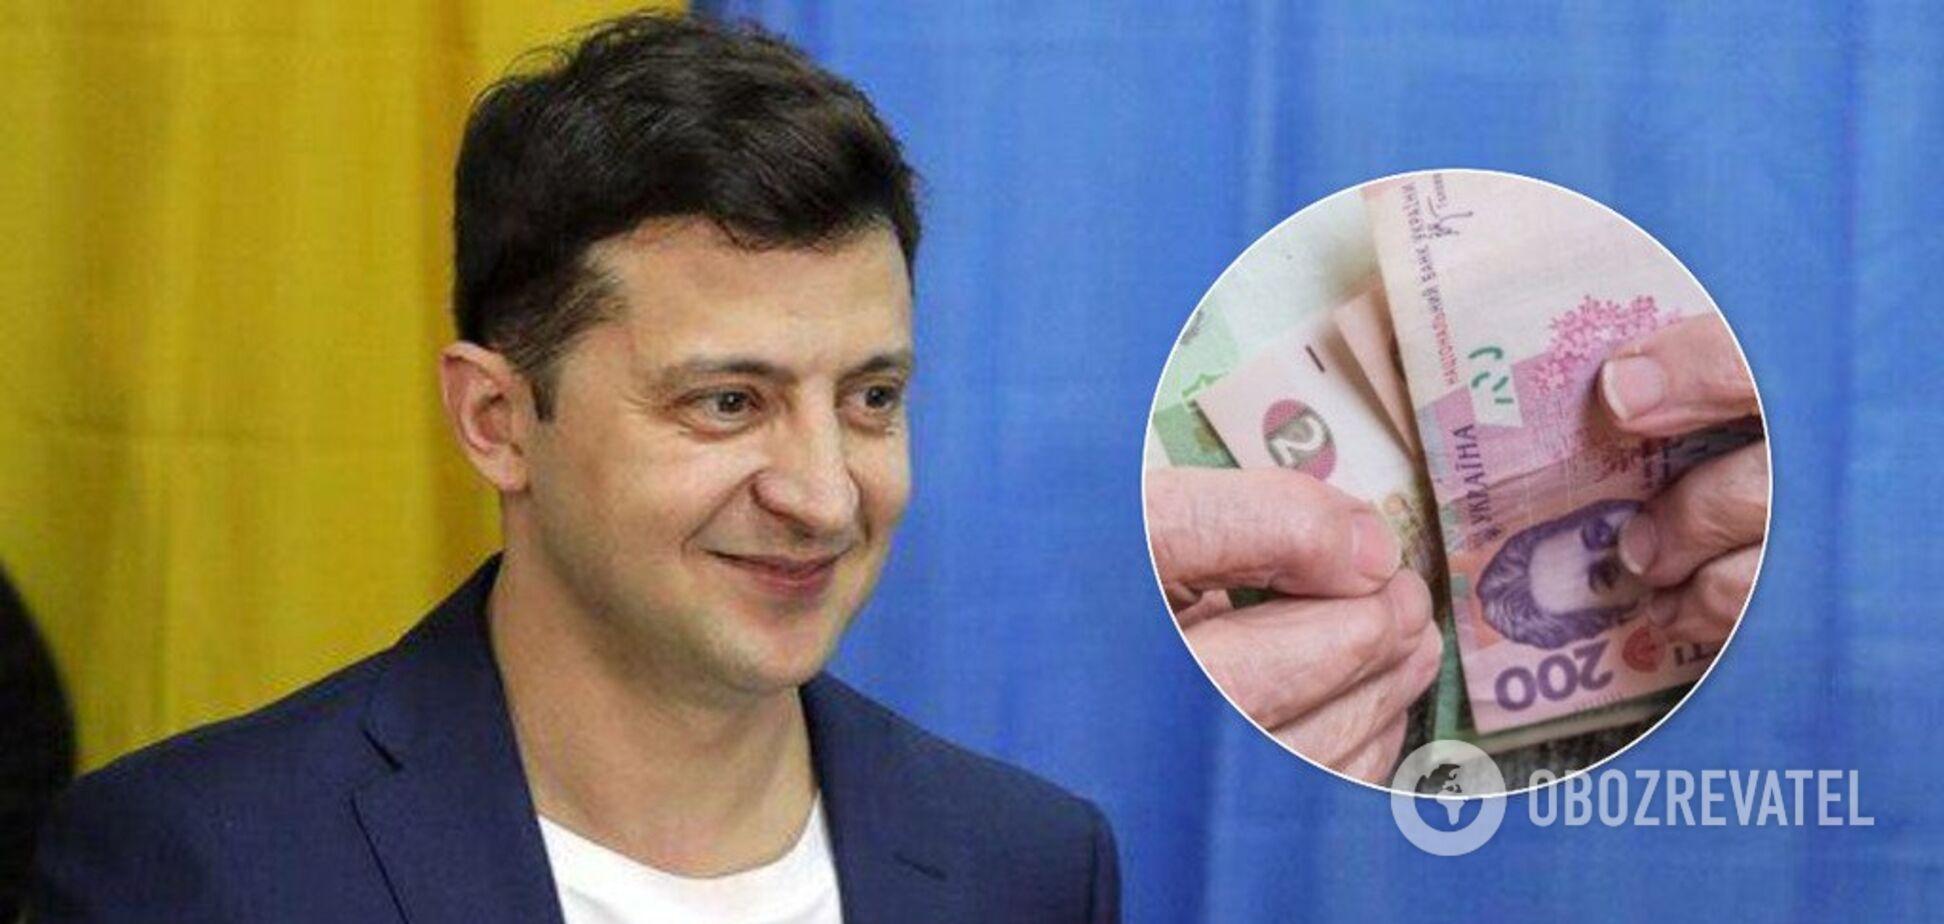 'Ну що, пенсію вже підвищили?' Українці придумали флешмоб